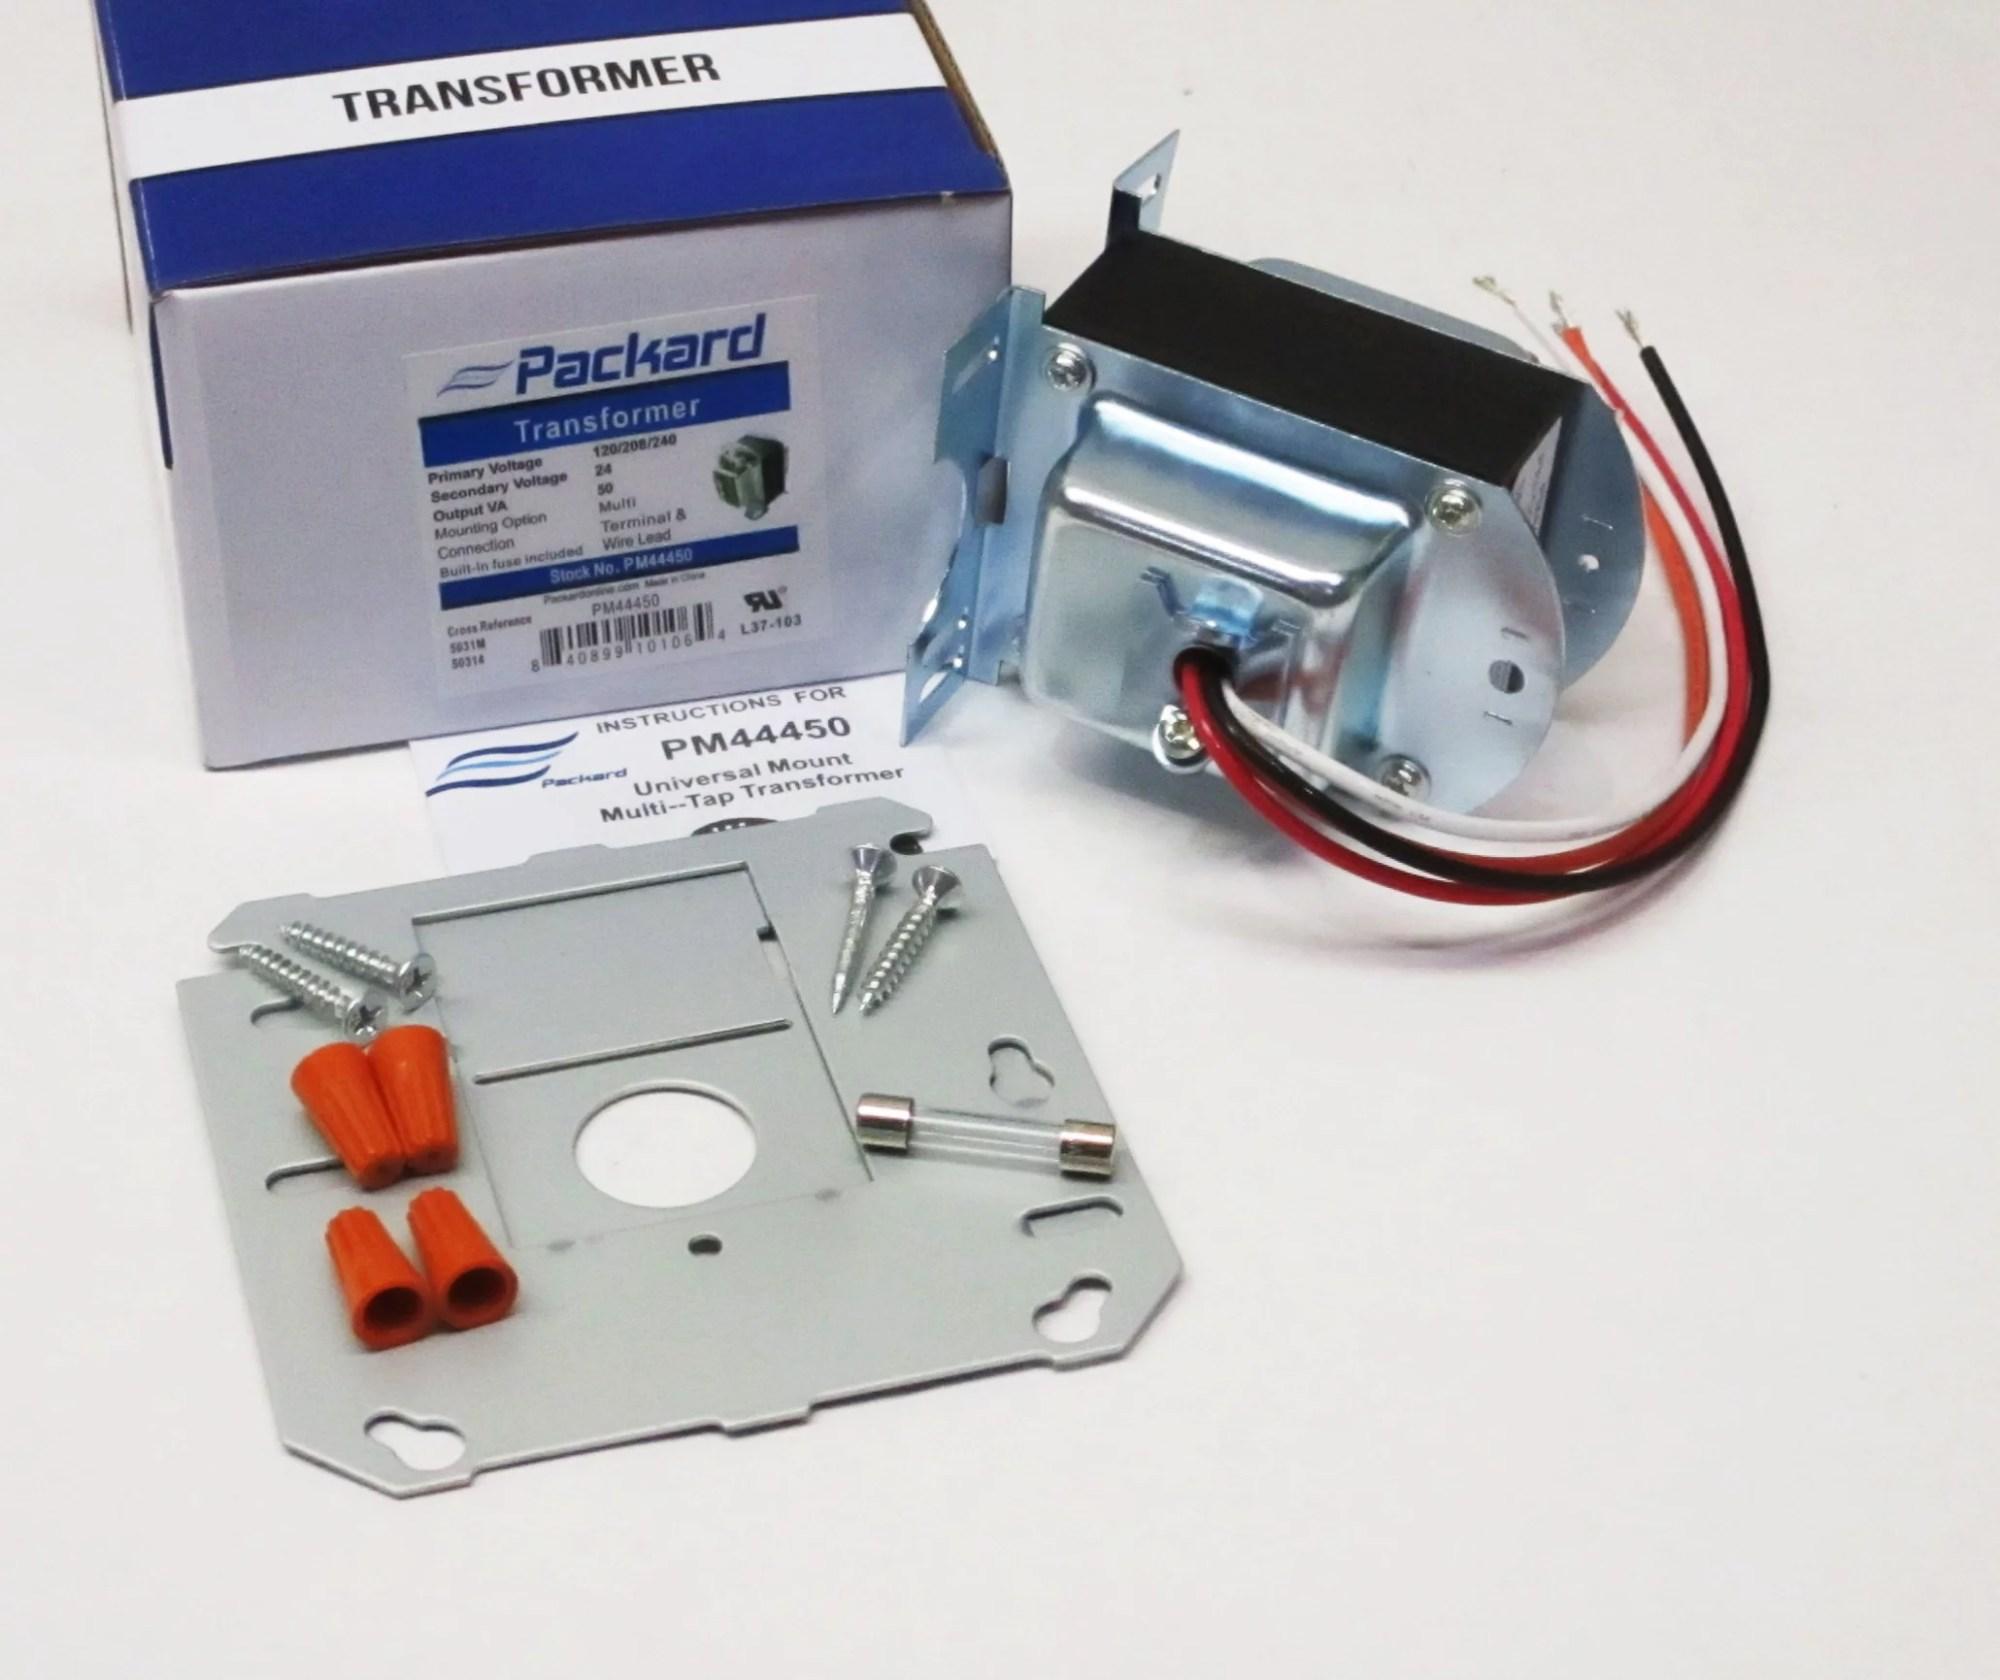 hight resolution of packard pm44450 transformer 120 208 240 v pri 24 v secondary 50 va walmart com